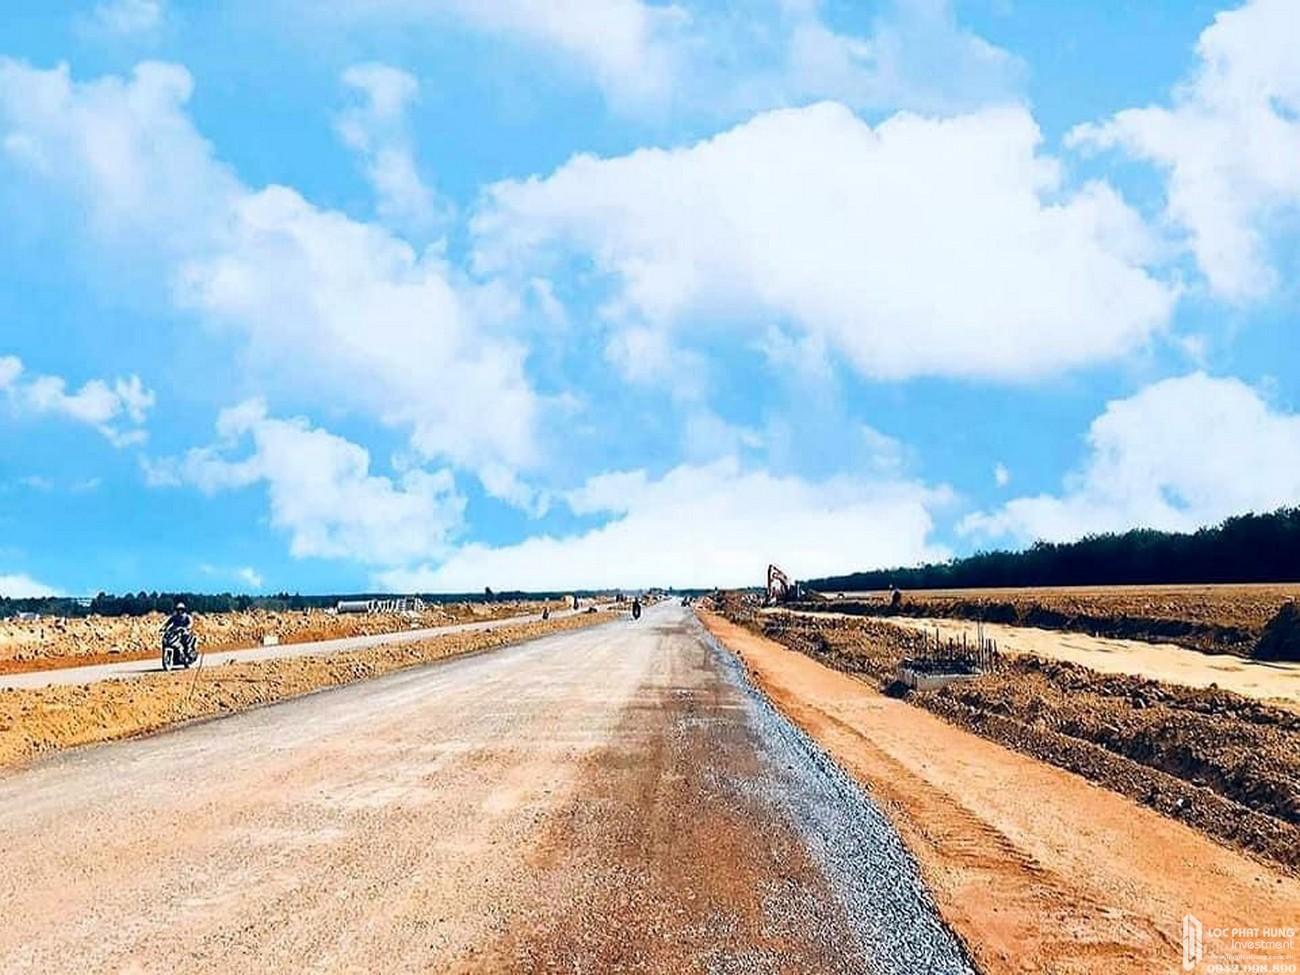 Hạ tầng ngày 20/07/2020 dự án đất nền Gem Sky World Long Thành Đường Quốc Lộ 51 chủ đầu tư Đất Xanh